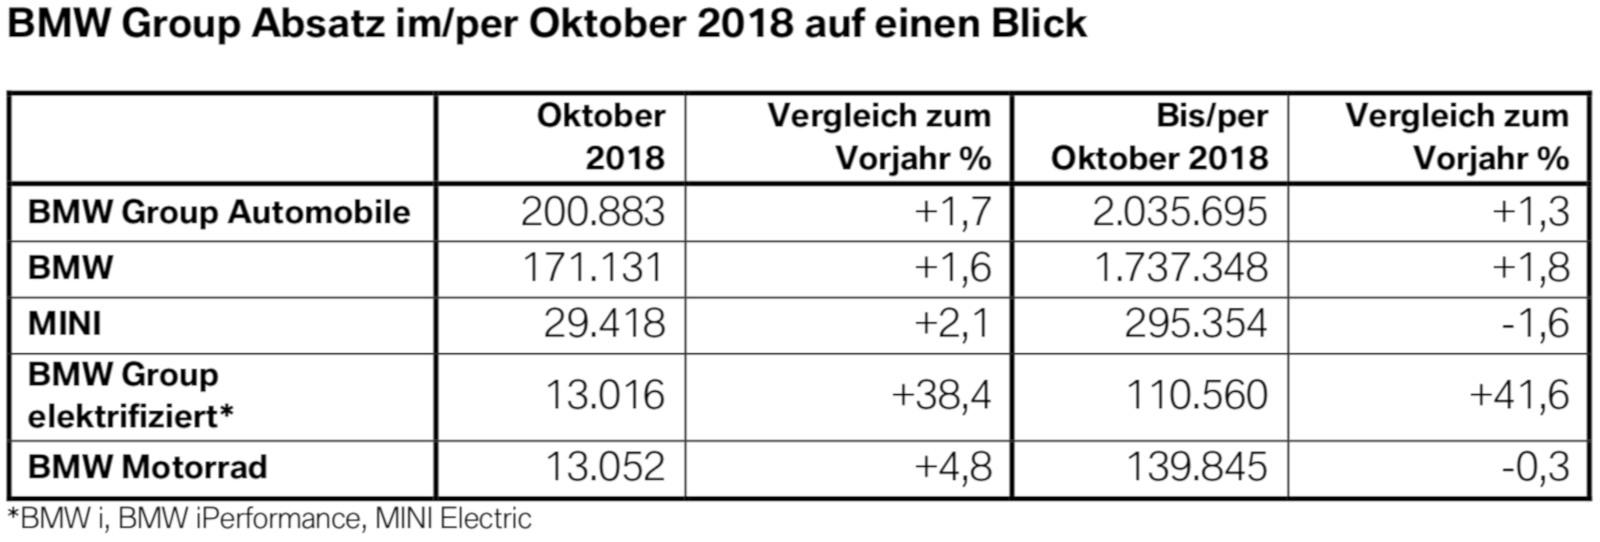 Oktober 2018 Bmw Group Stellt Neuen Absatz Rekord Auf